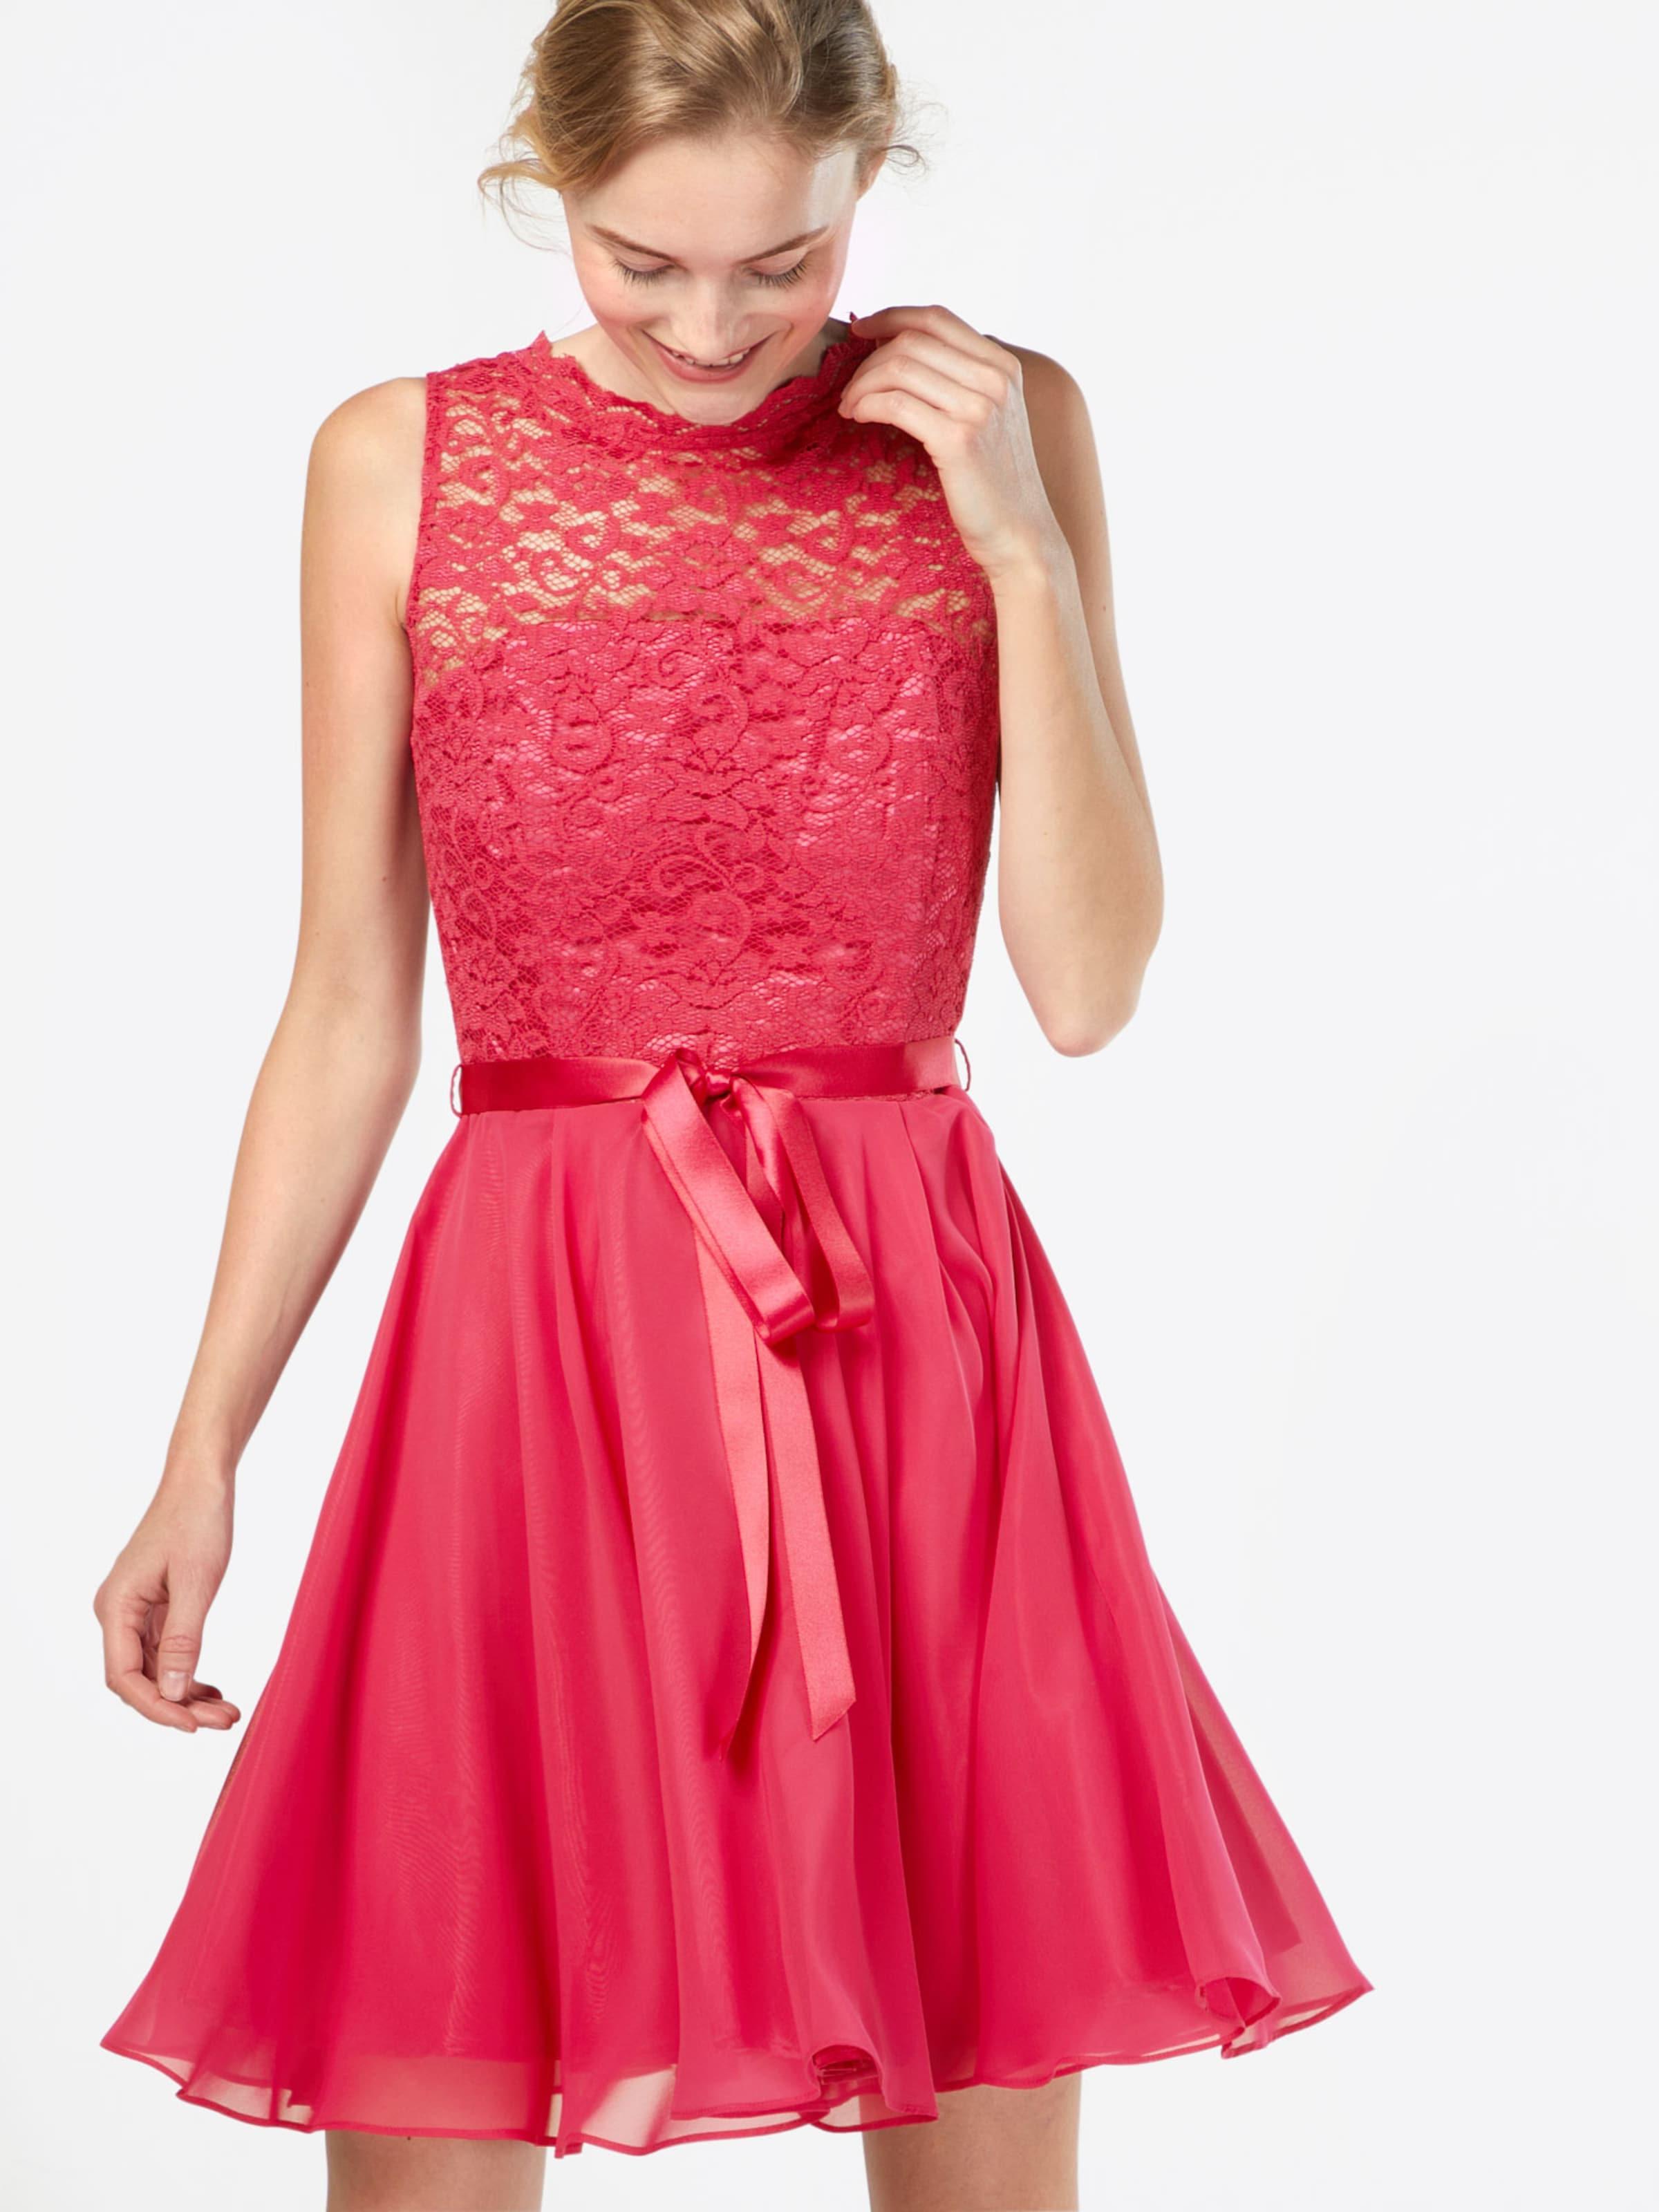 SWING Kleid 'Cocktailkleid mit Spitzenoberteil' Für Billig Zu Verkaufen cGfVQRZFi